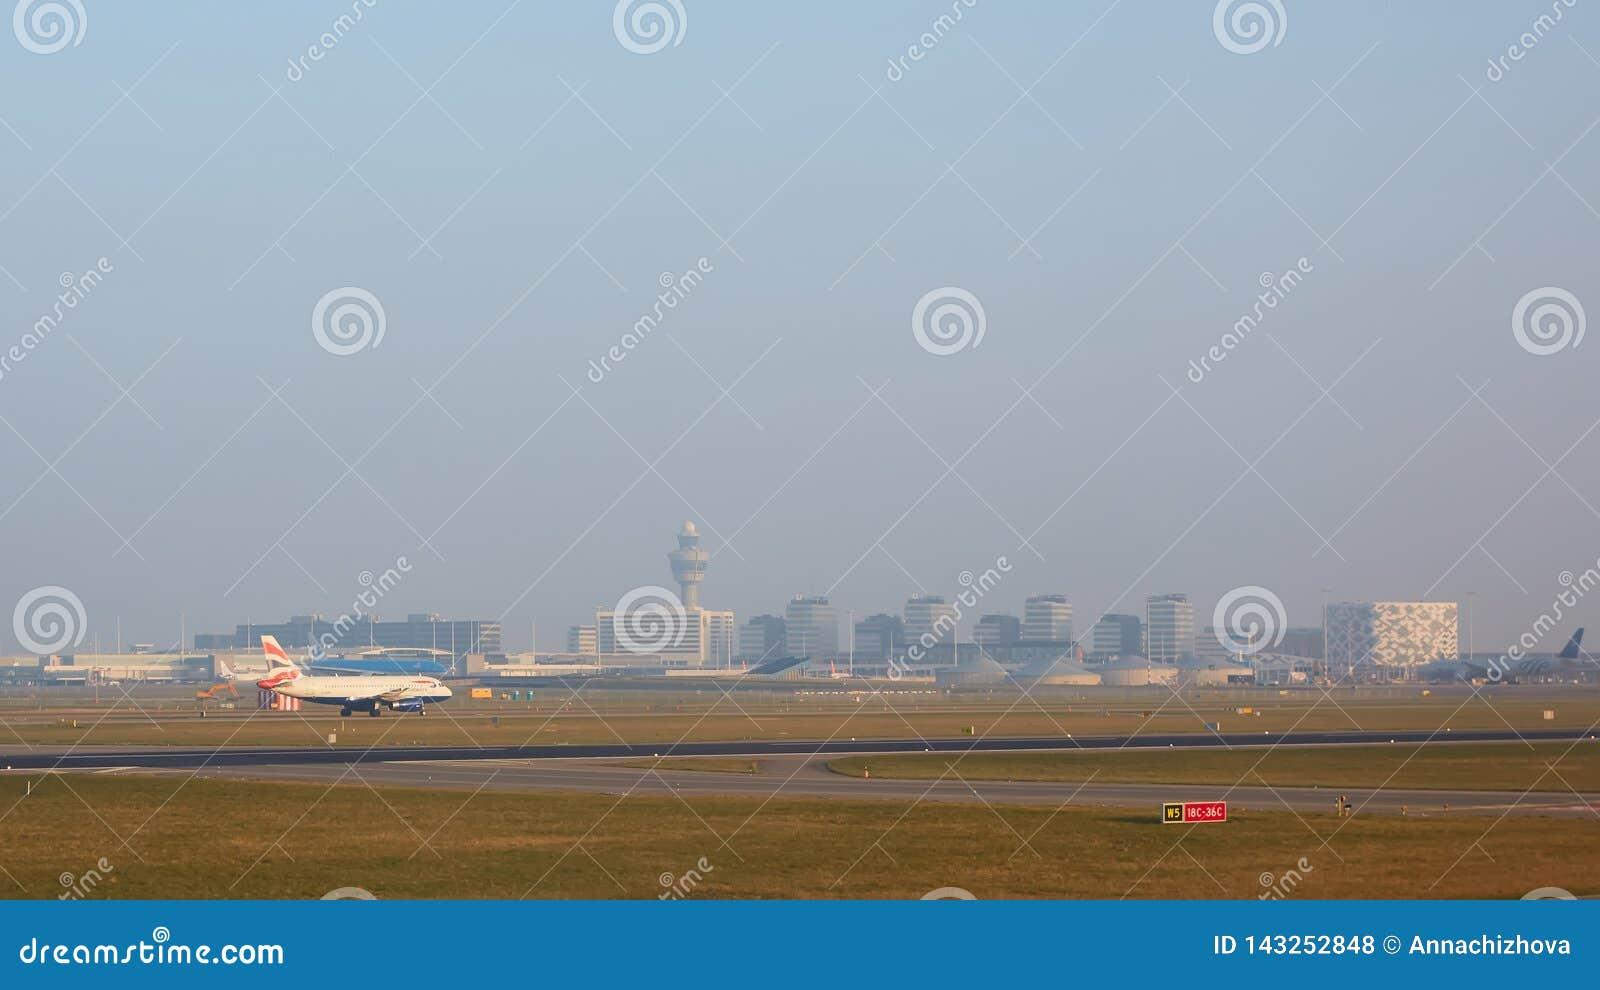 Άμστερνταμ, Κάτω Χώρες - 11 Μαρτίου 2016: Αερολιμένας Schiphol του Άμστερνταμ στις Κάτω Χώρες Το cAms είναι ο ολλανδικός κεντρικό